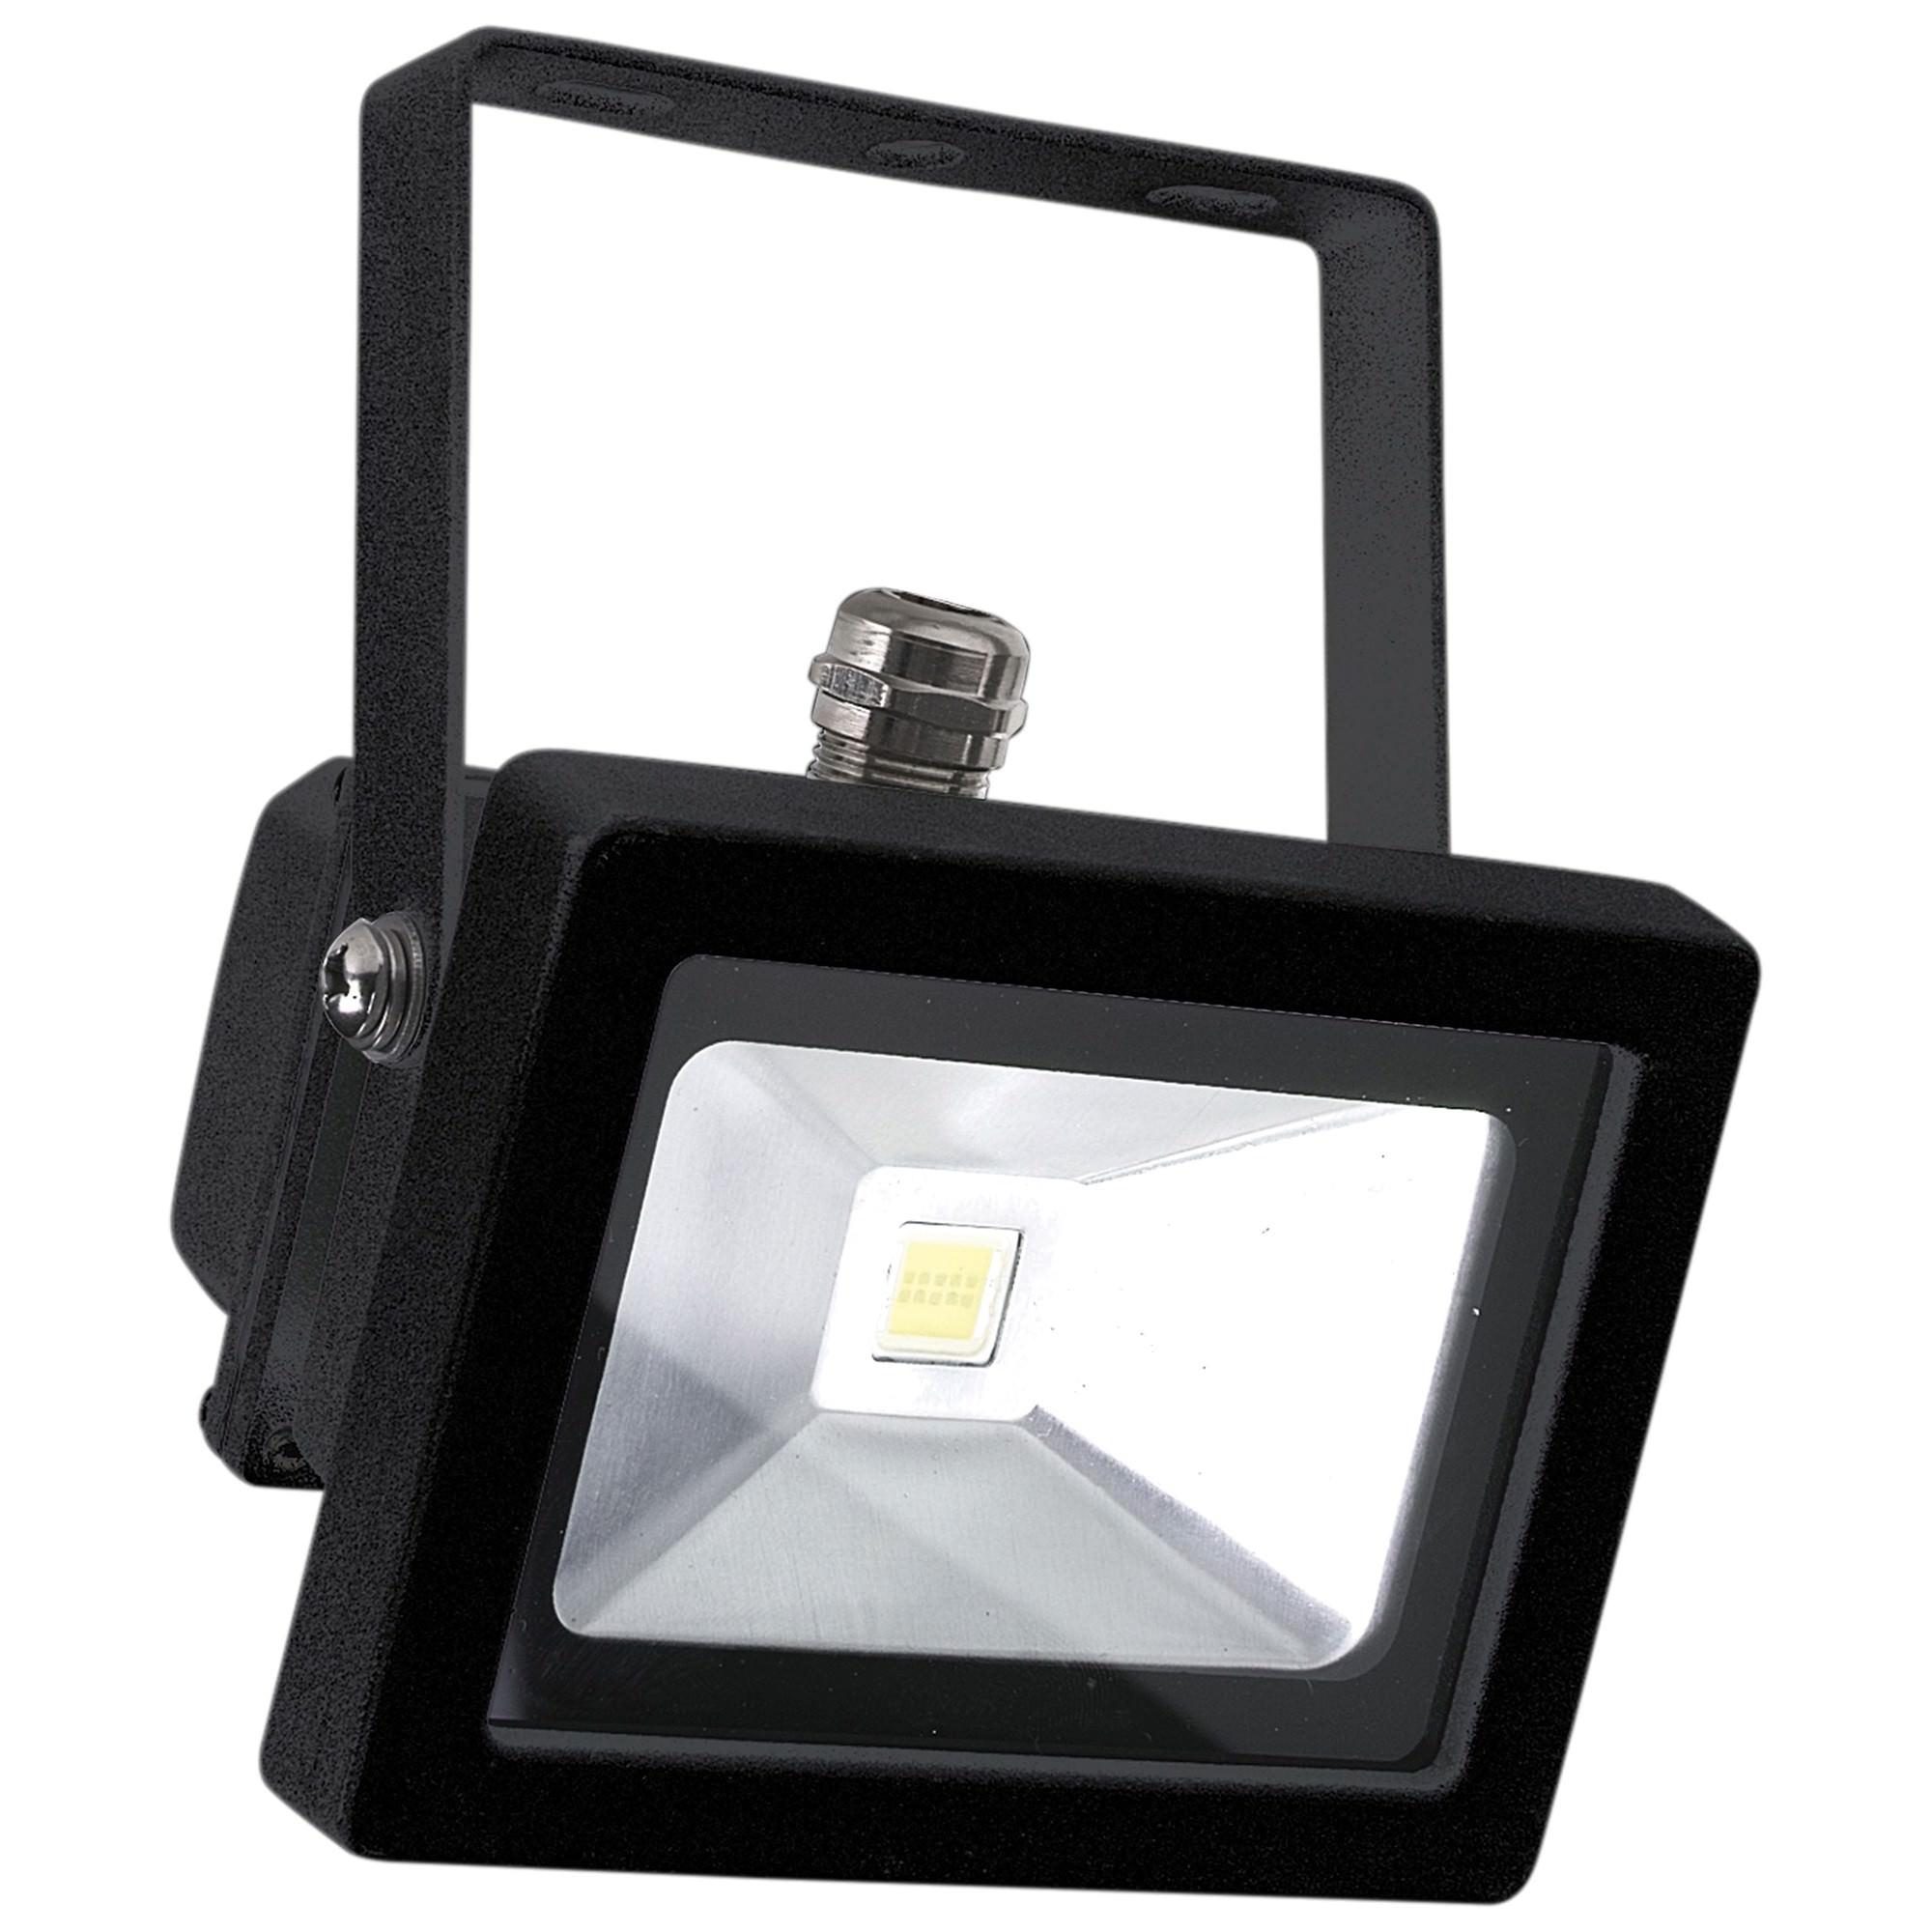 Foco IP65 LED Floodlight, 10W, Black